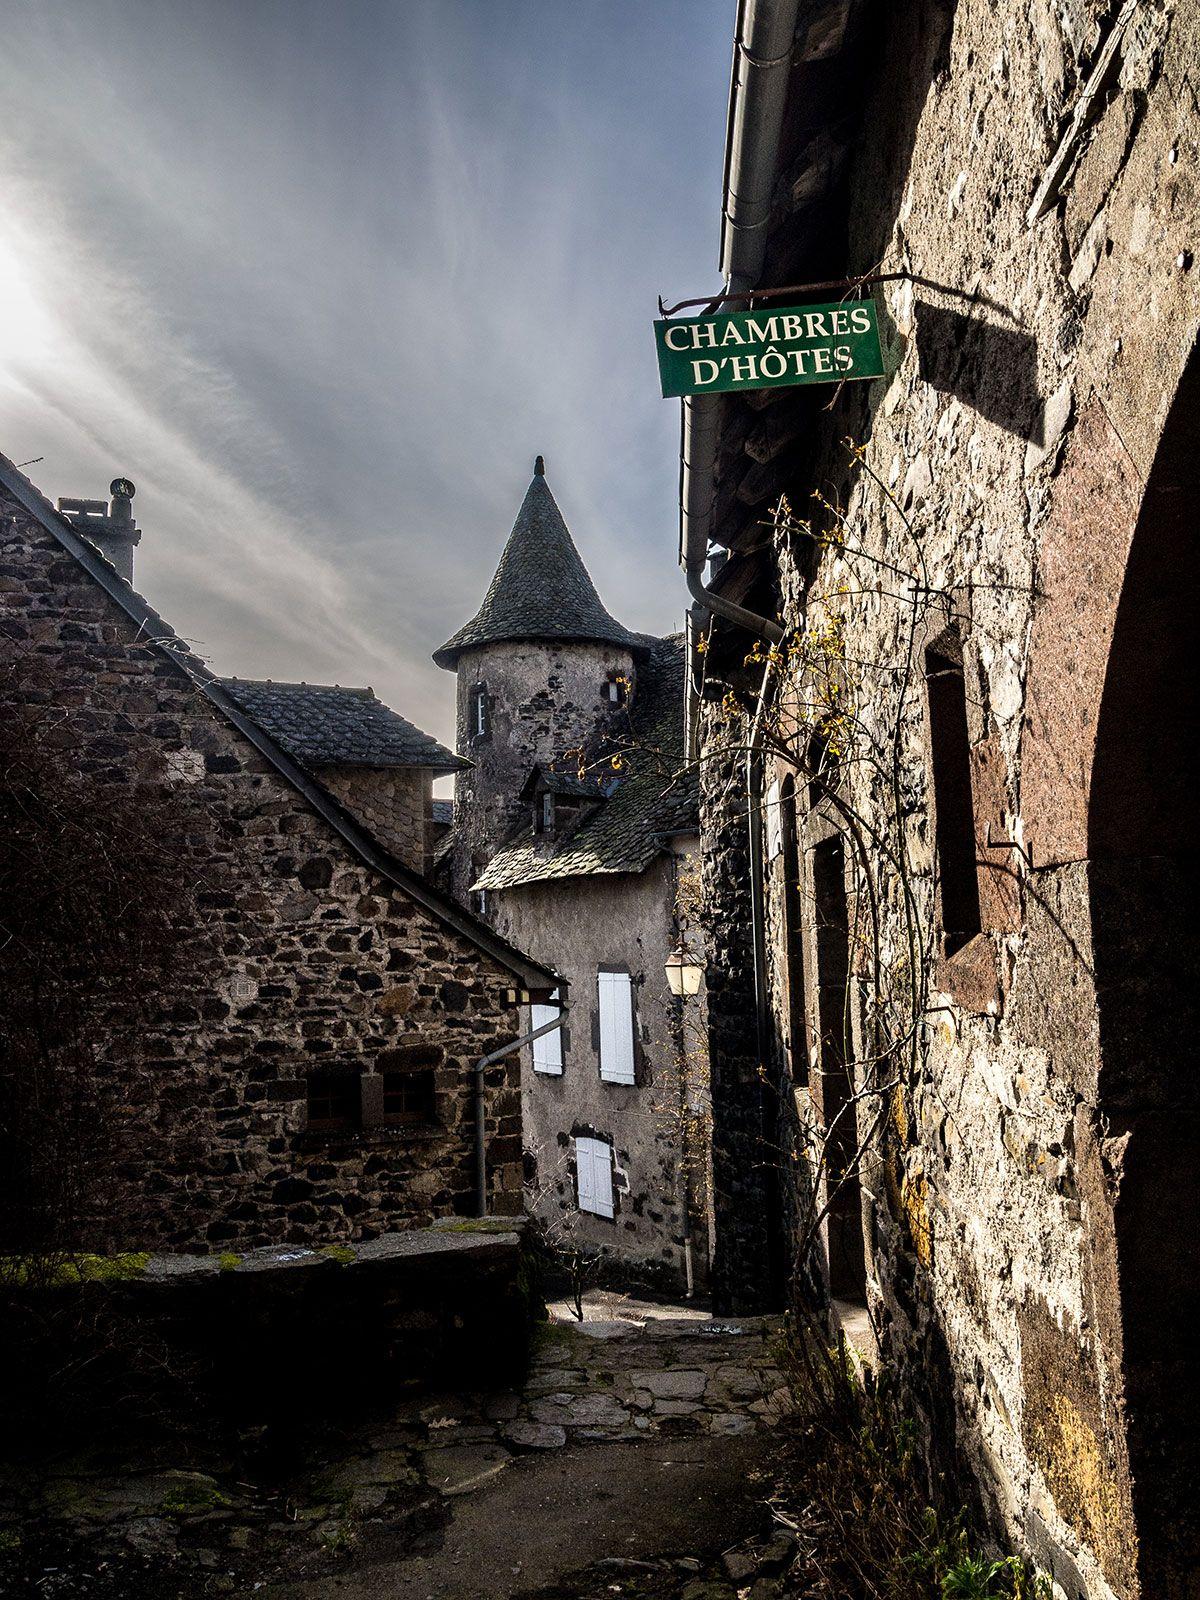 Soyez Fous Osez Le Cantal Decouvrez Ce Beau Departement Cantal Auvergne Tourisme Les Regions De France